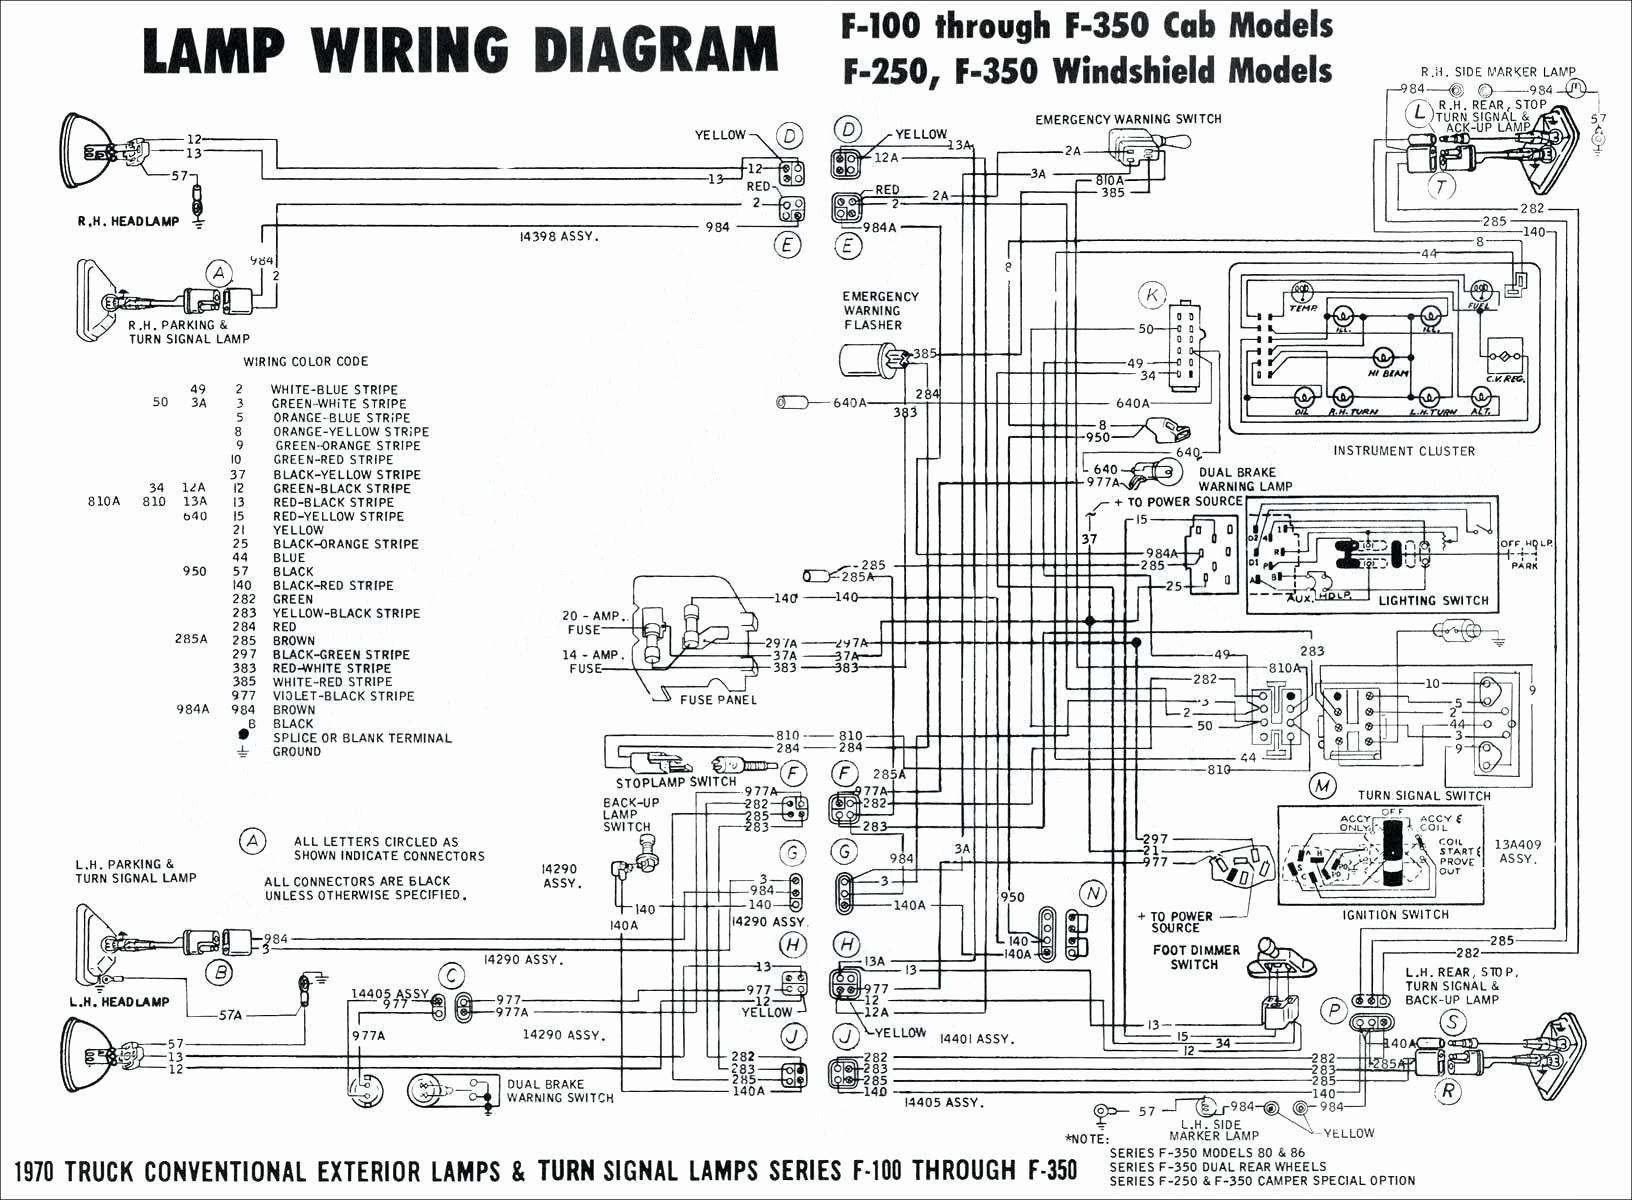 4020 12 Volt Wiring Diagram 4020 Lp Wiring Diagram Of 4020 12 Volt Wiring Diagram